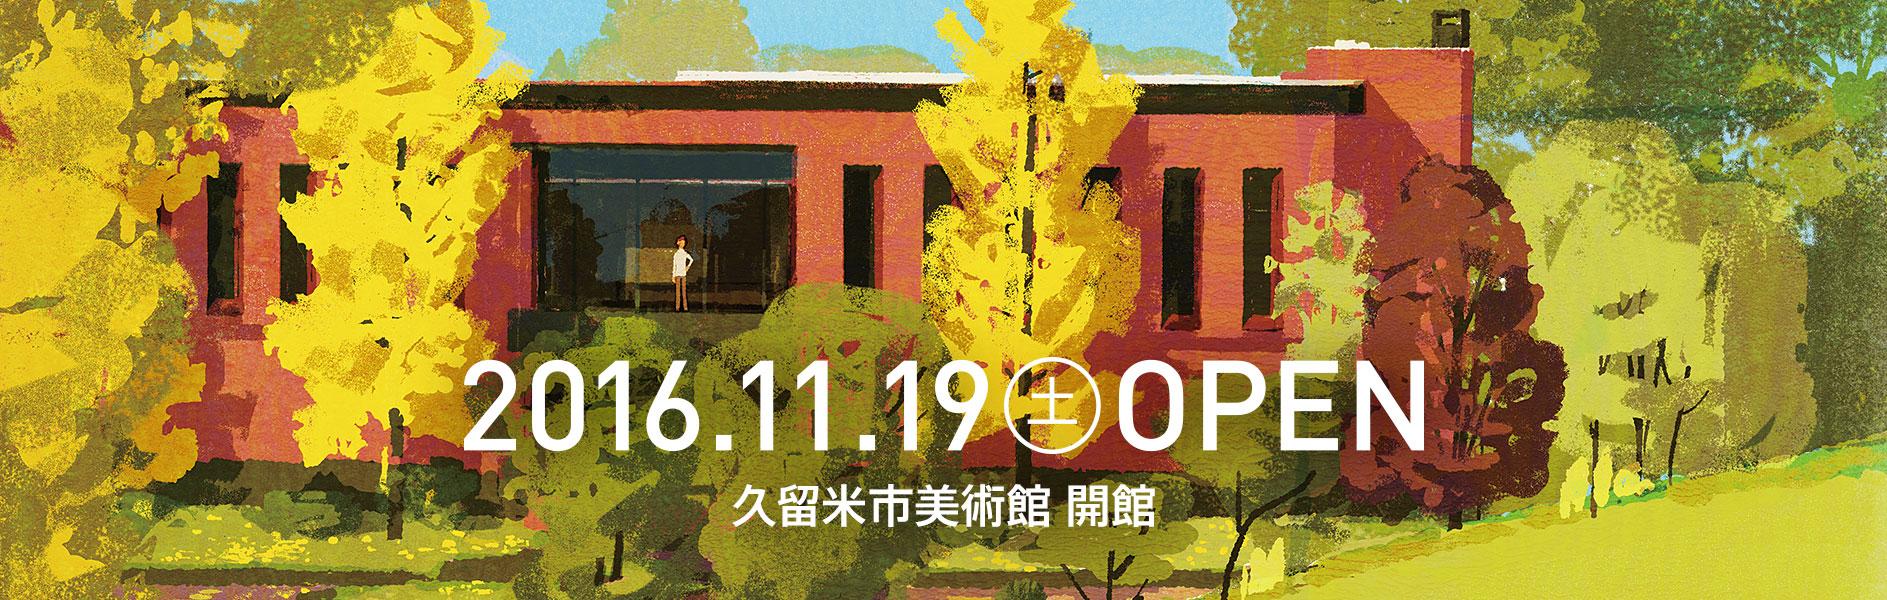 2016.11.19(土) 久留米市美術館開館